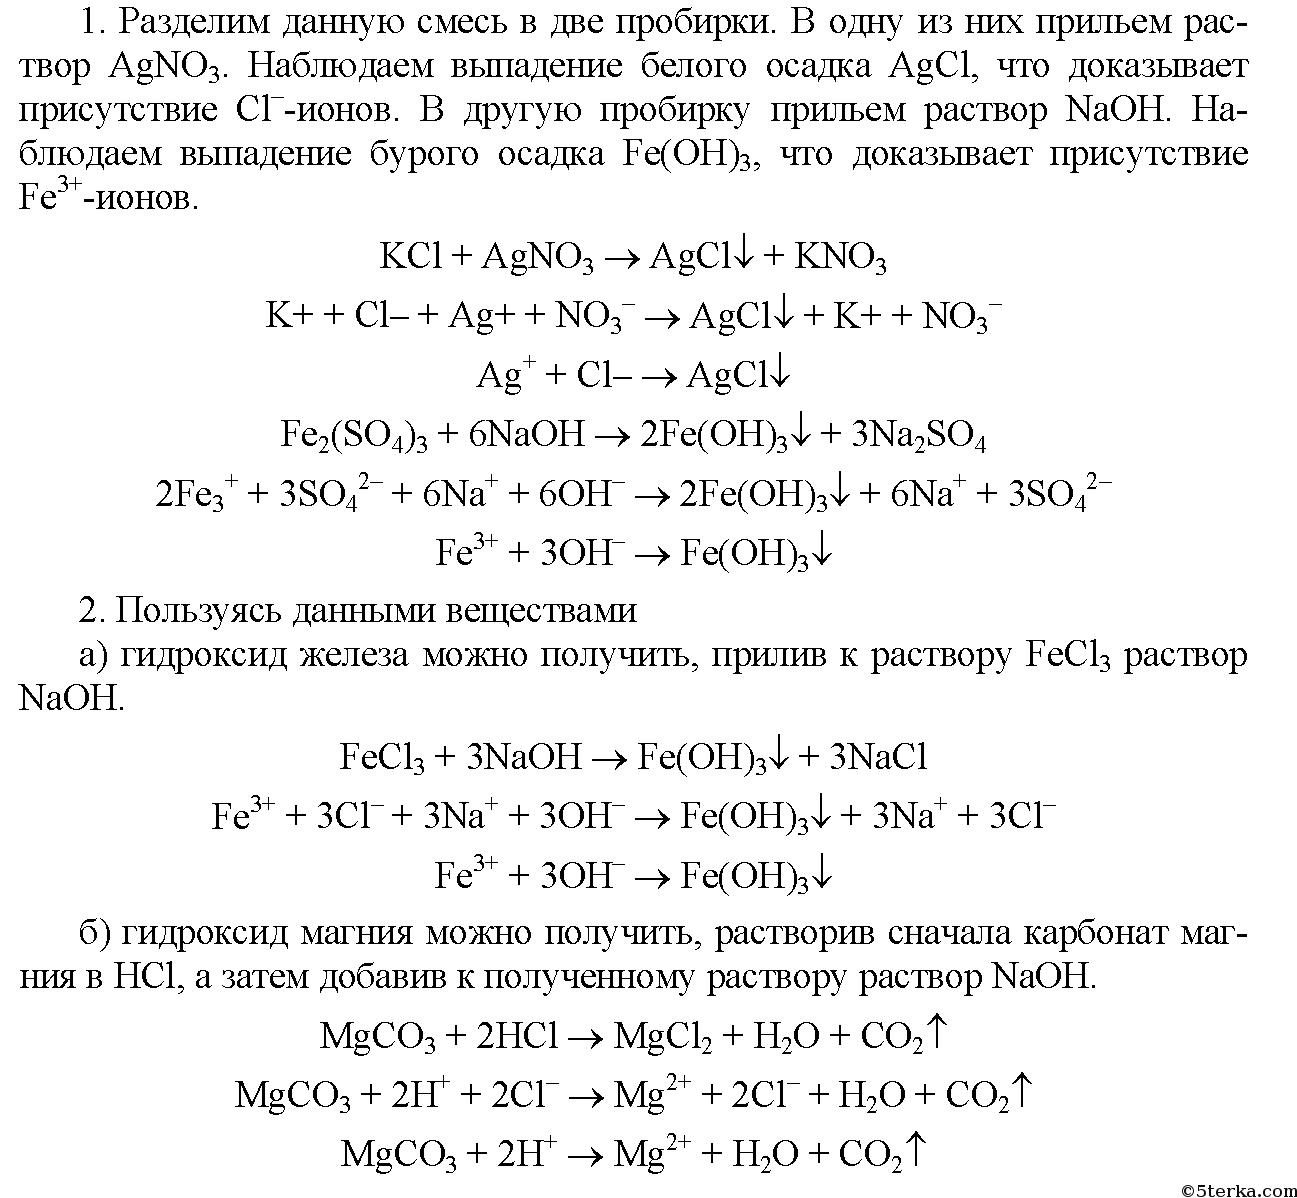 reshebnik-zadach-po-himii-10-11-klass-rudzitis-prakticheskaya-rabota-3